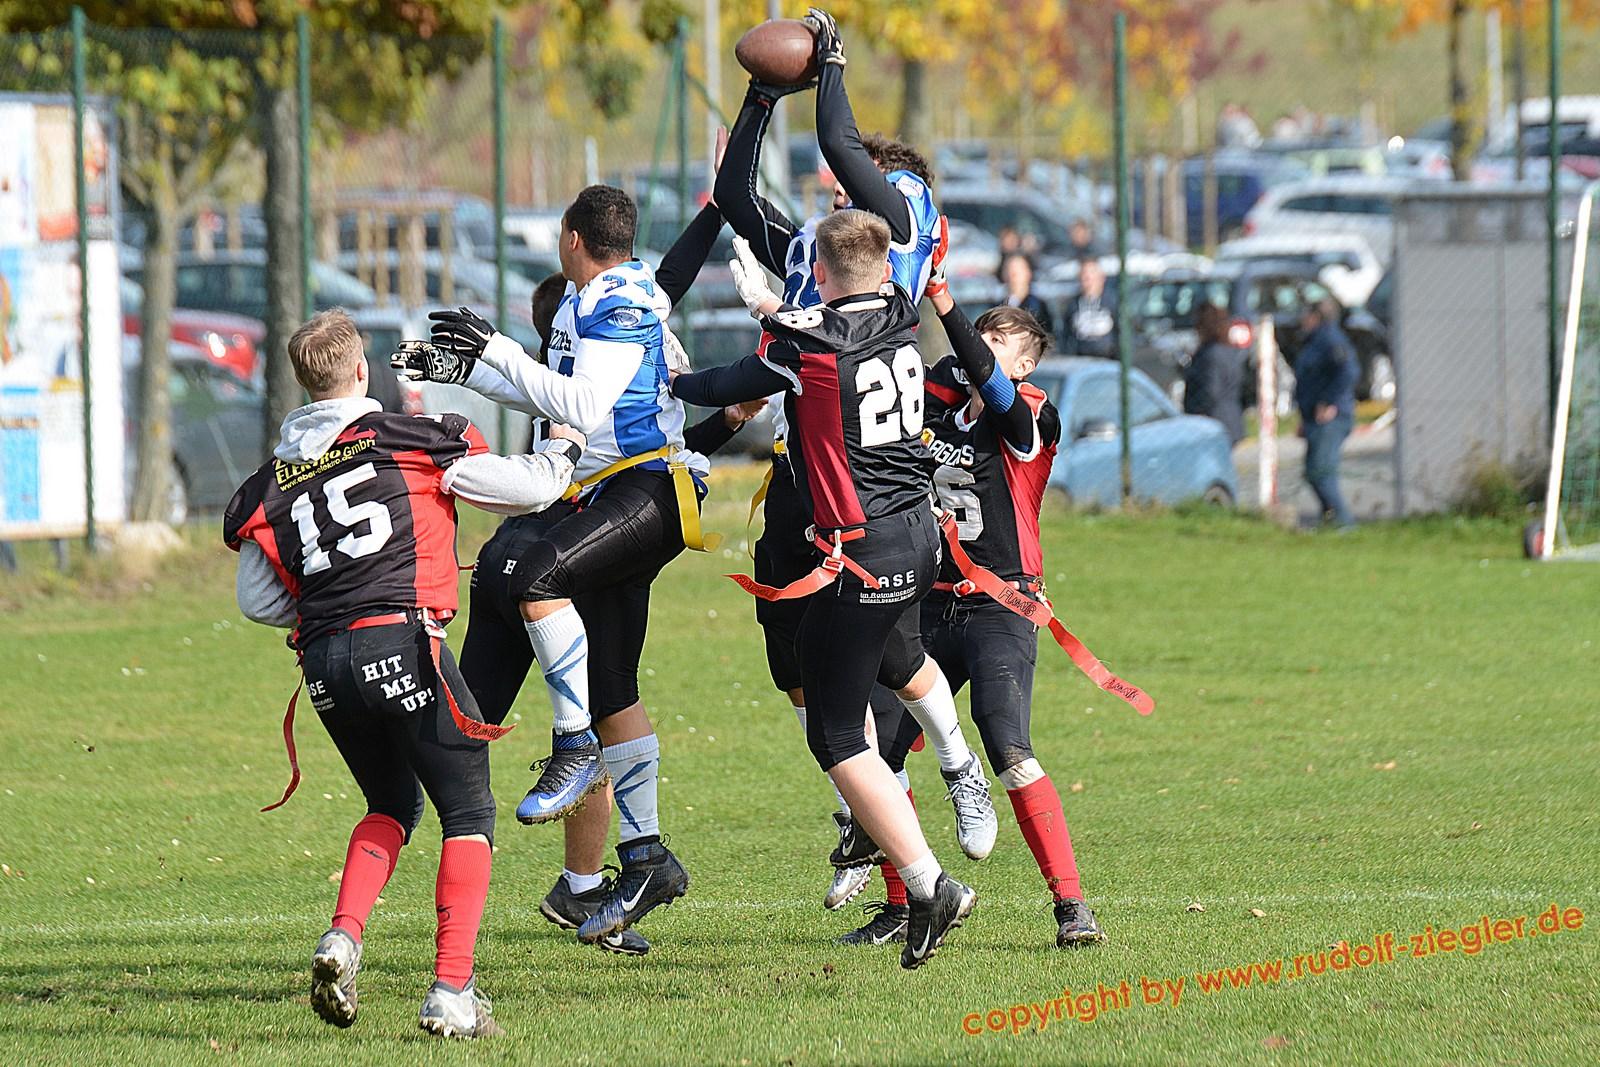 FLAG FOOTBALL - Bayerische Meisterschaften U19 036-Bearb (1600x1200)